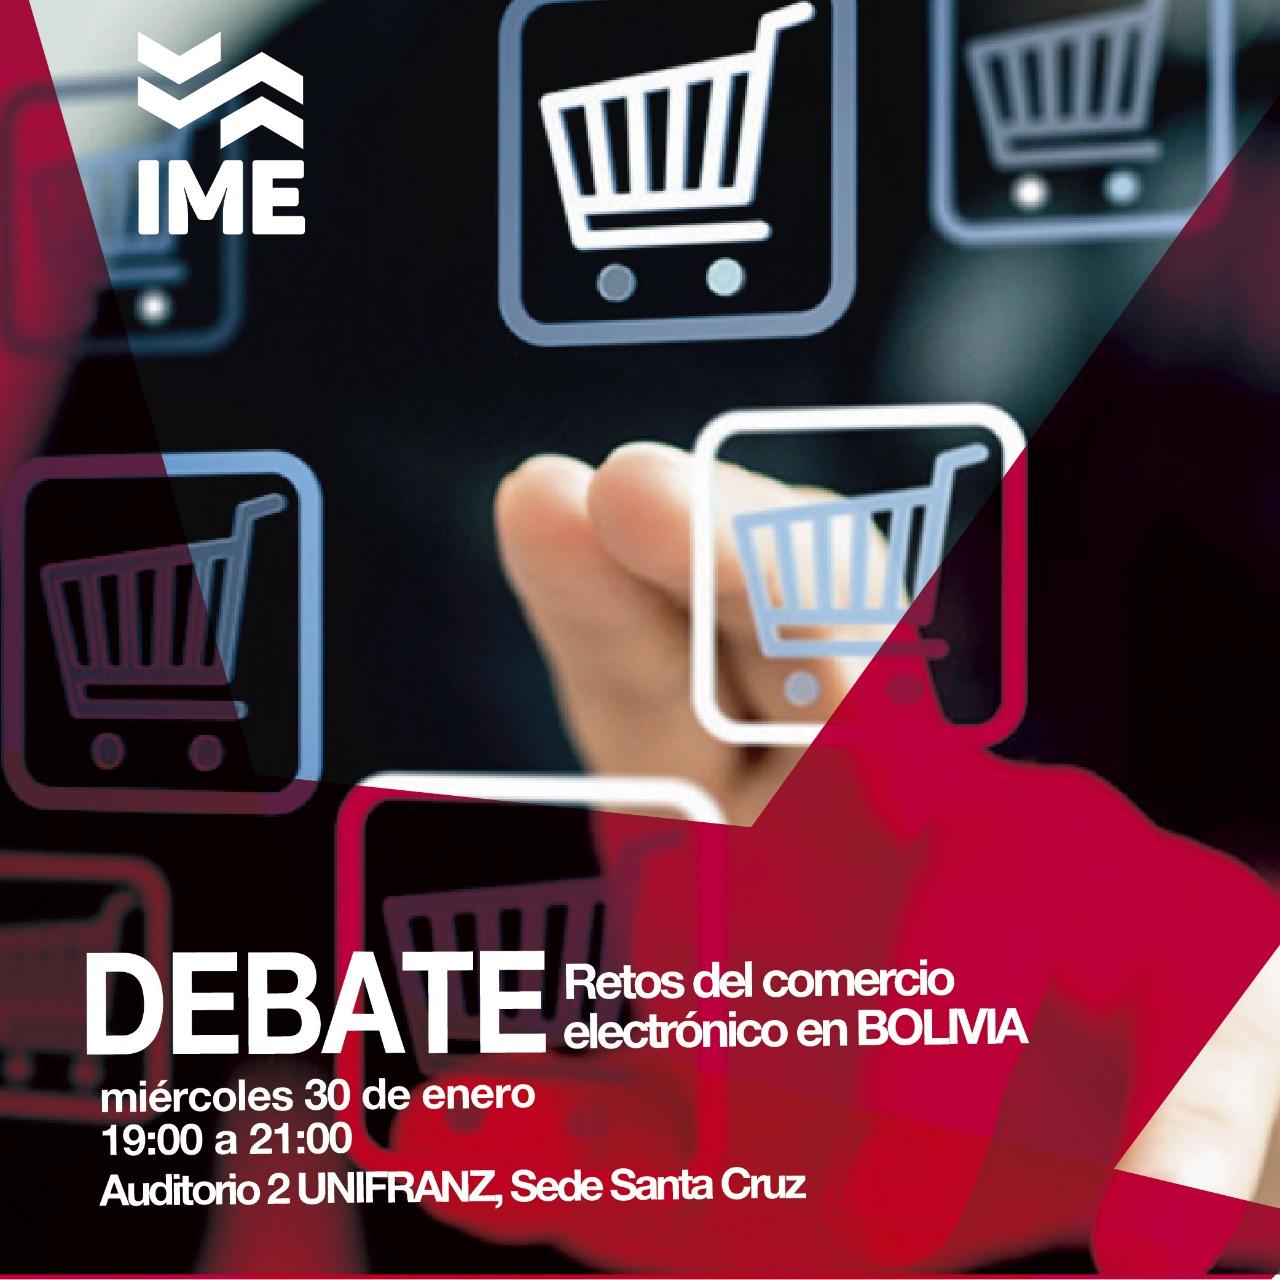 Foro Debate: retos del comercio electrónico en Bolivia en universidad privada UNIFRANZ